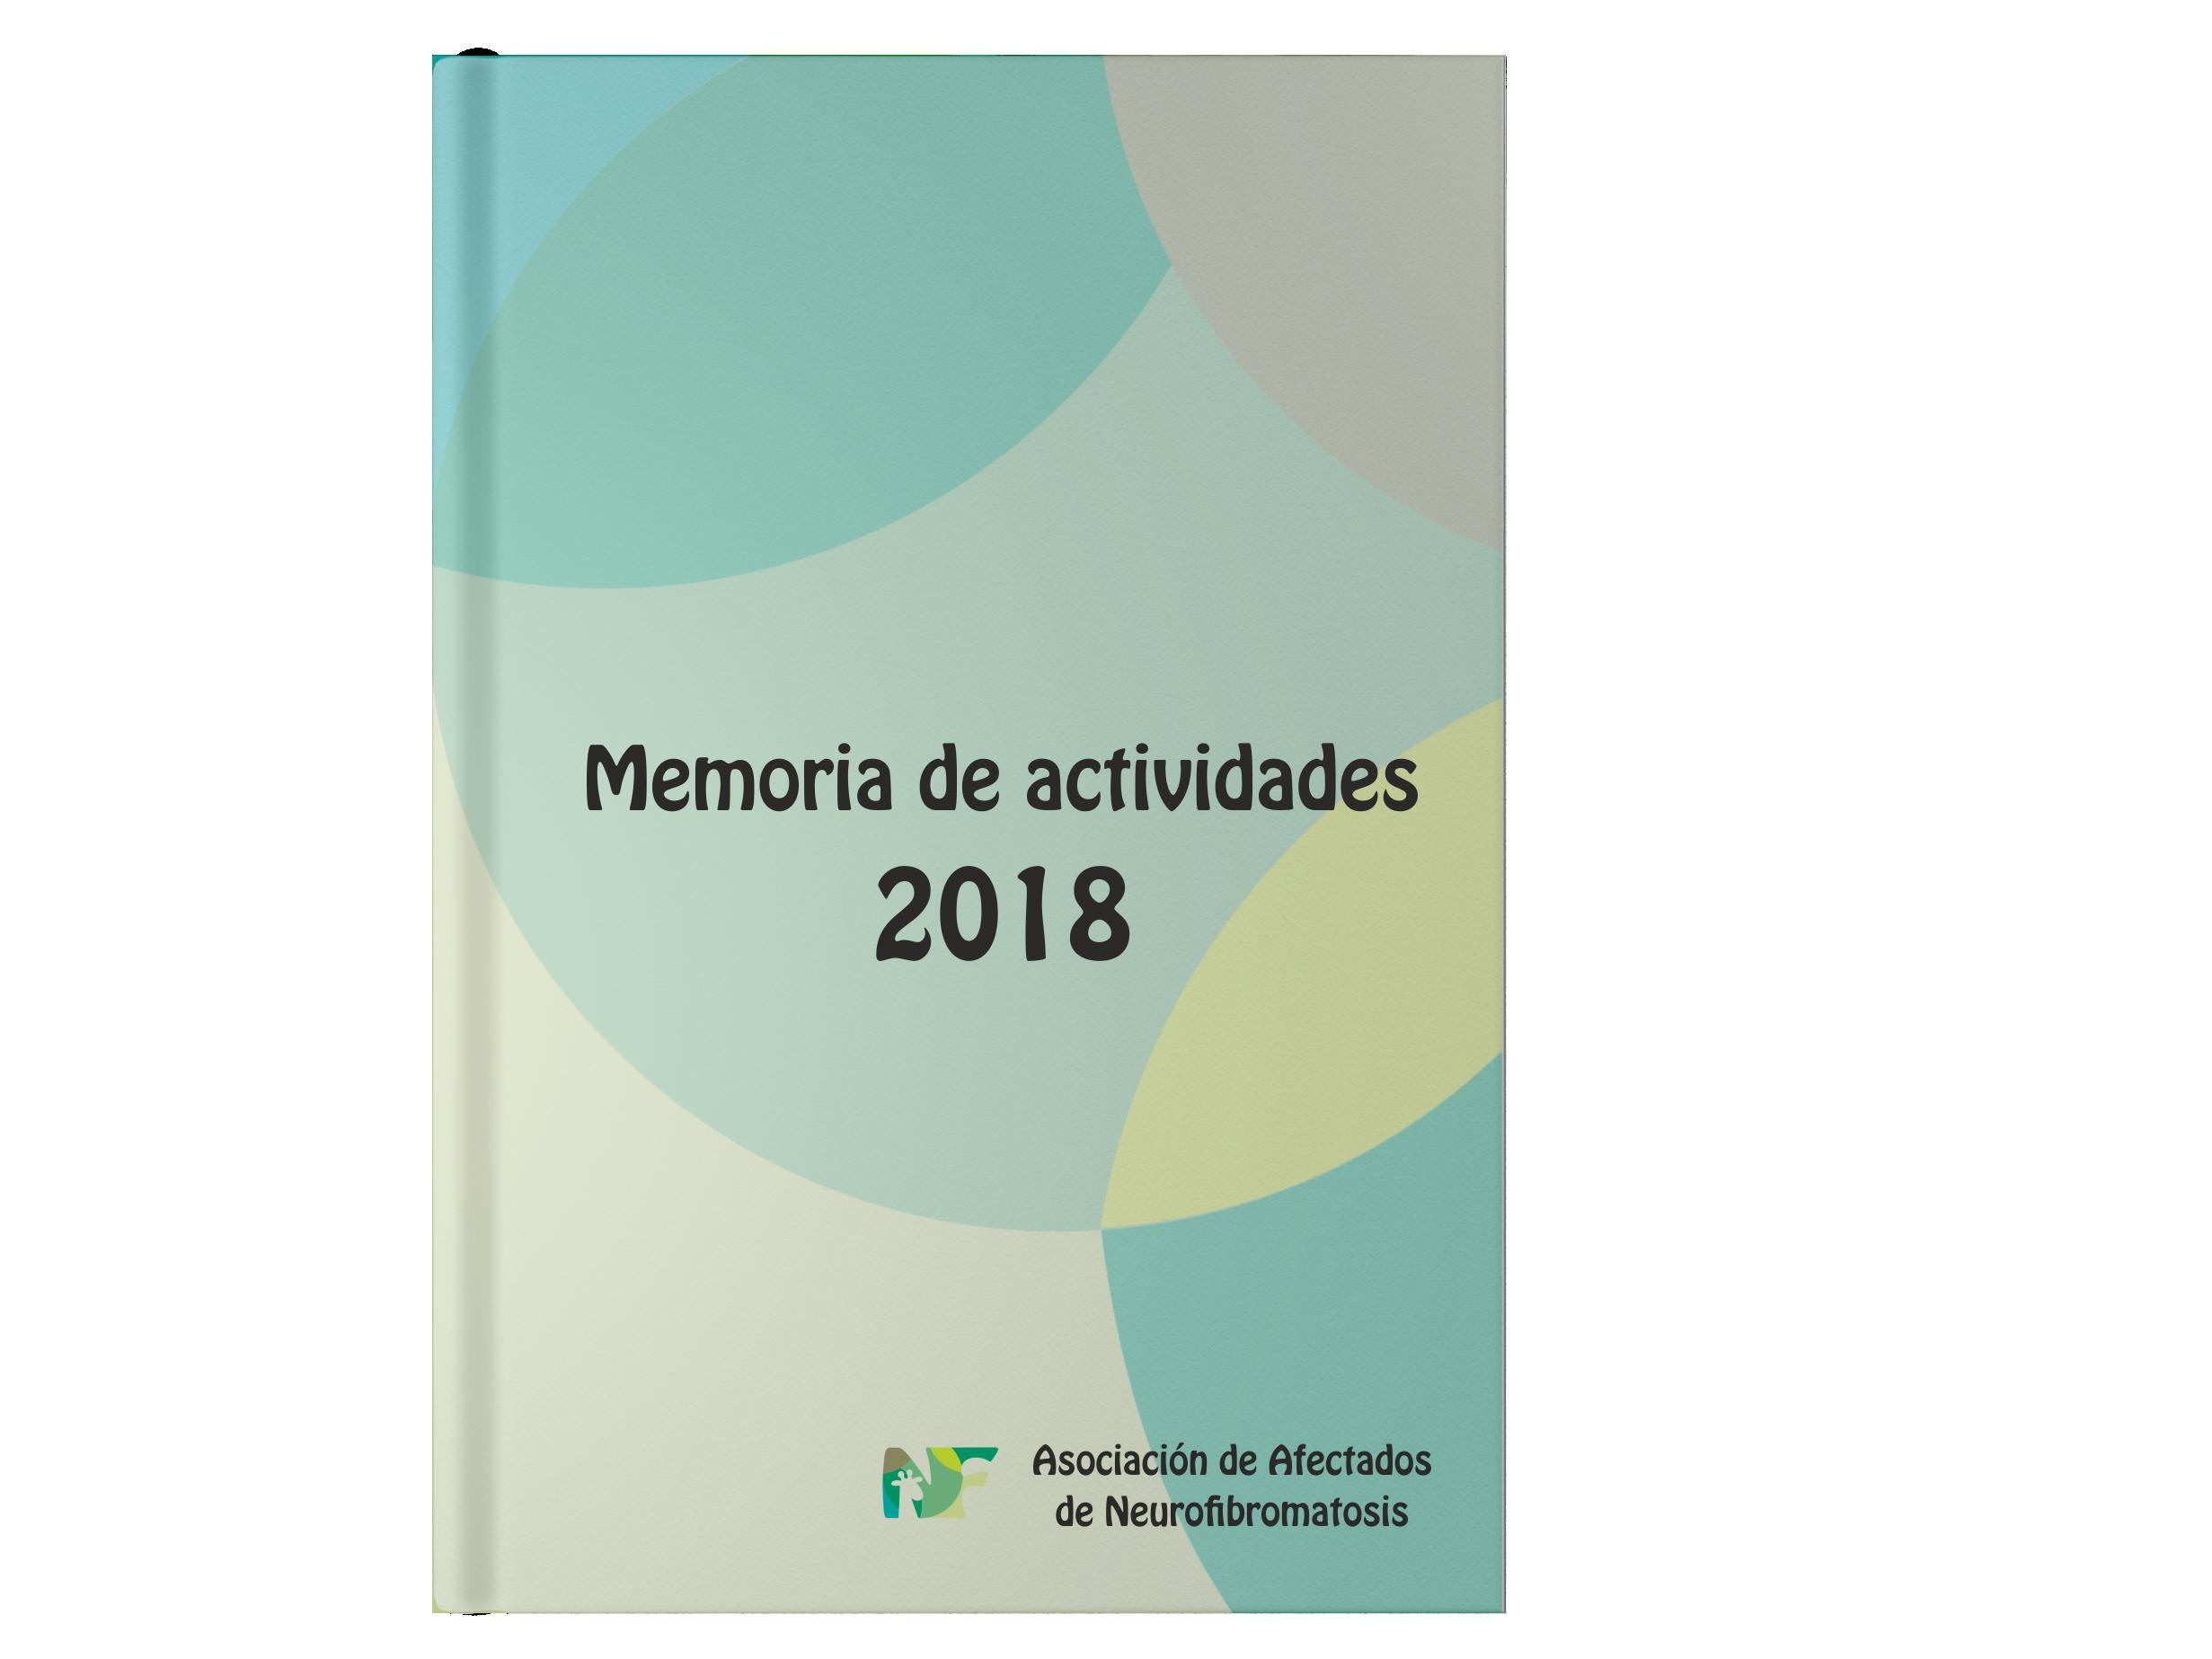 Memoria de Actividades AANF 2018